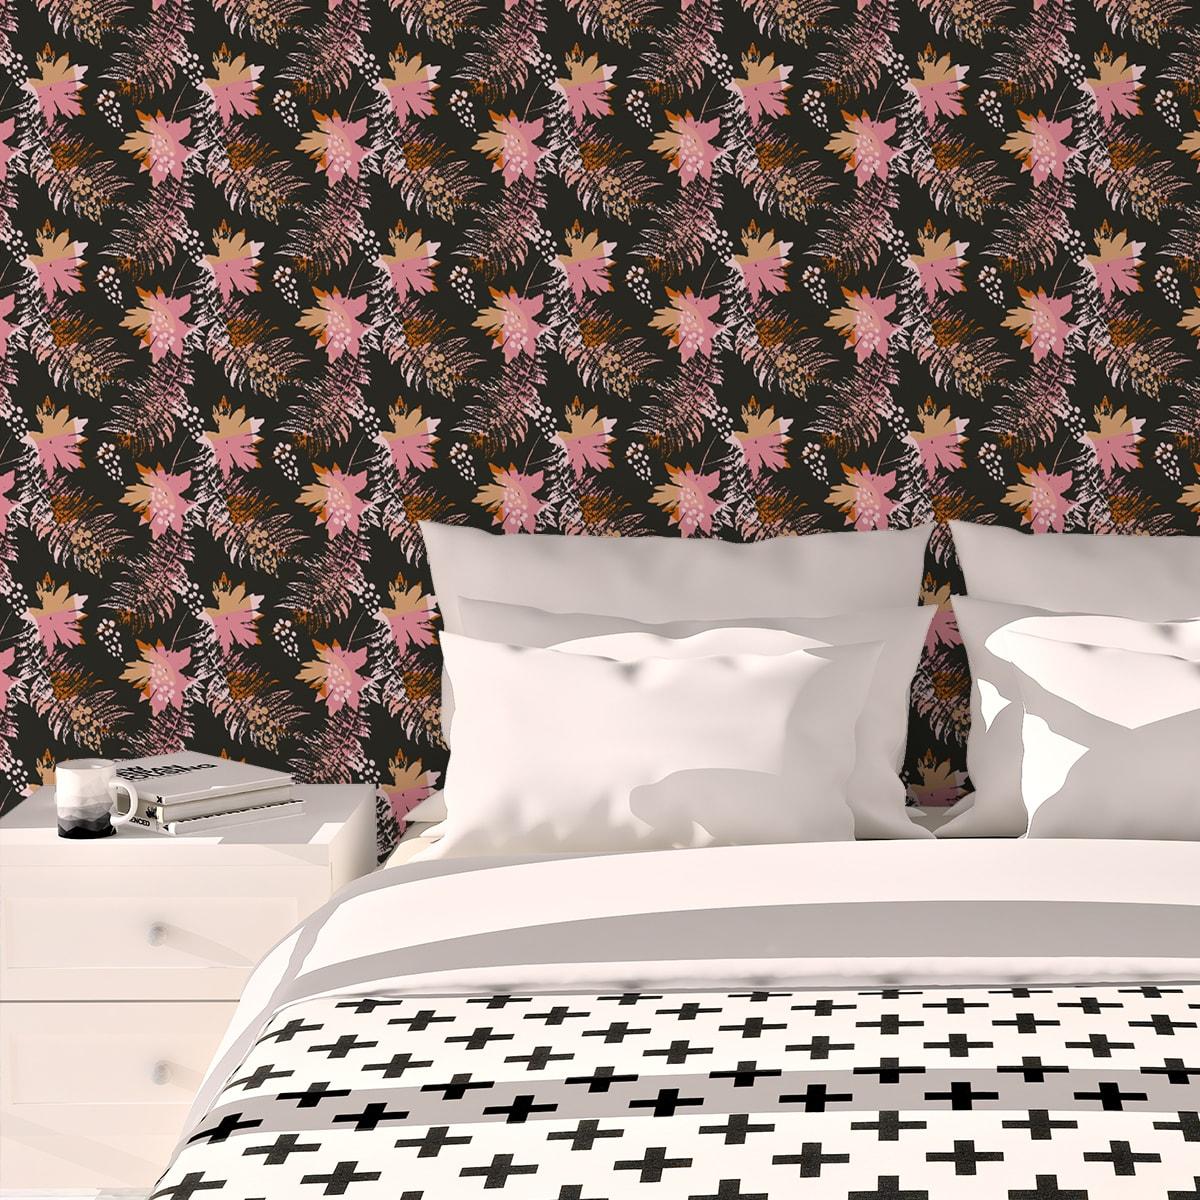 Schlafzimmer tapezieren in rosa: Retro Blumentapete Wildflowers in braun - florale Tapete für Schlafzimmer